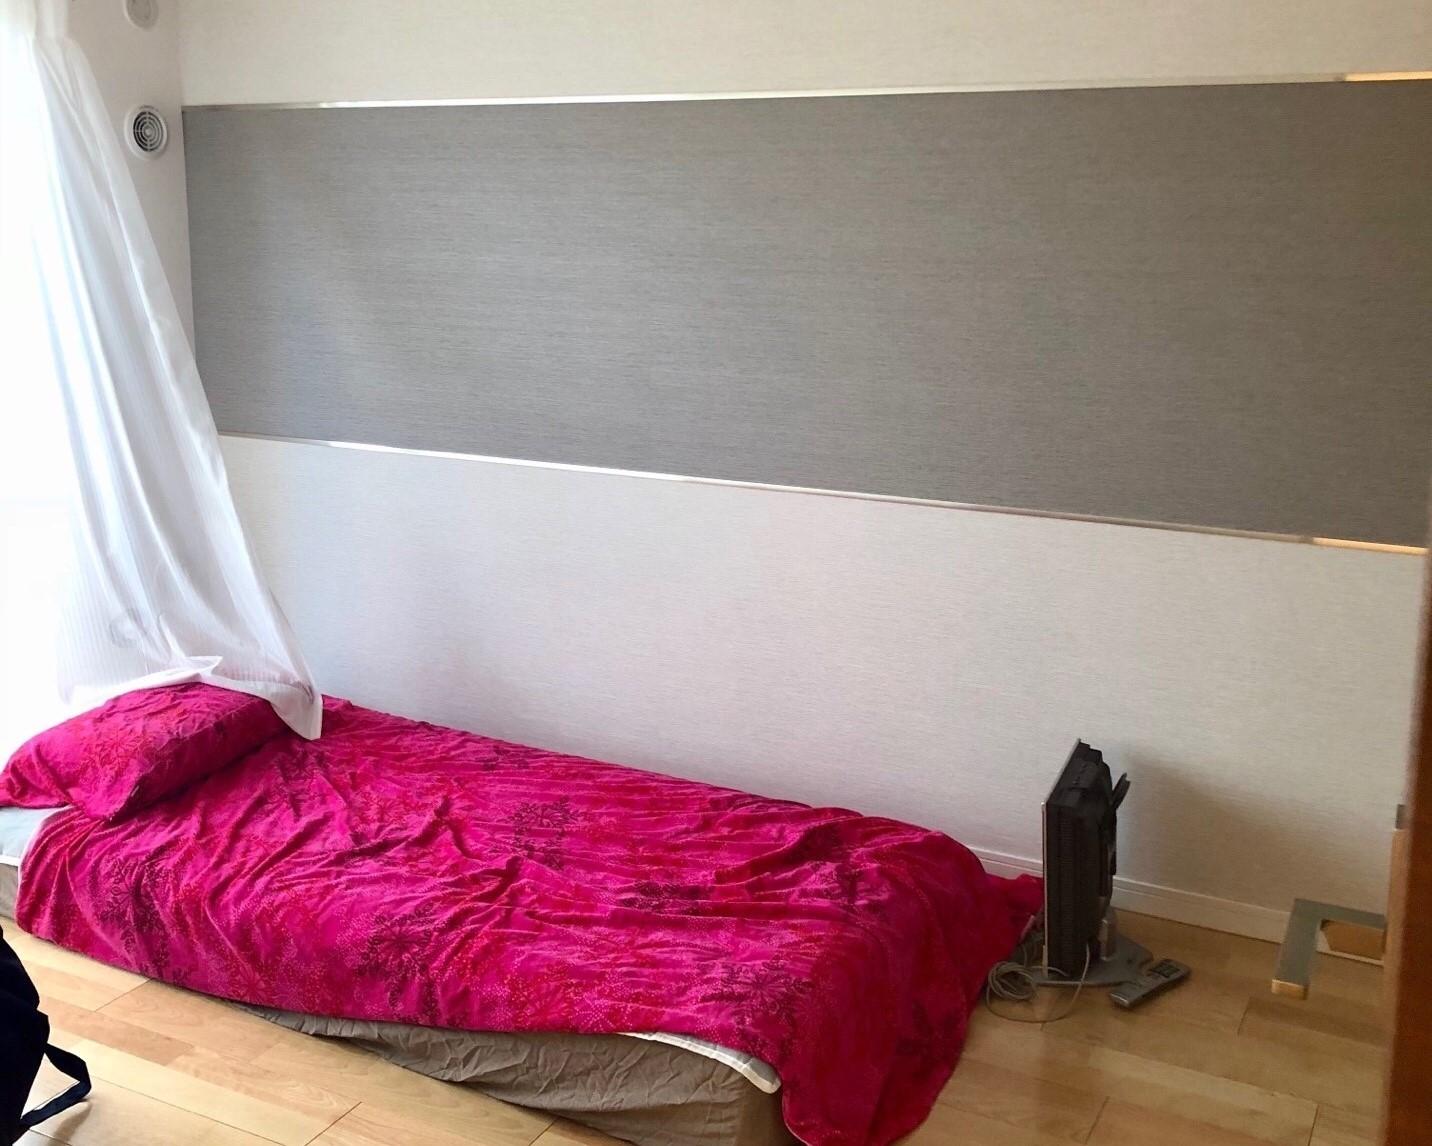 インテリアコーディネート依頼のベッドルーム実例